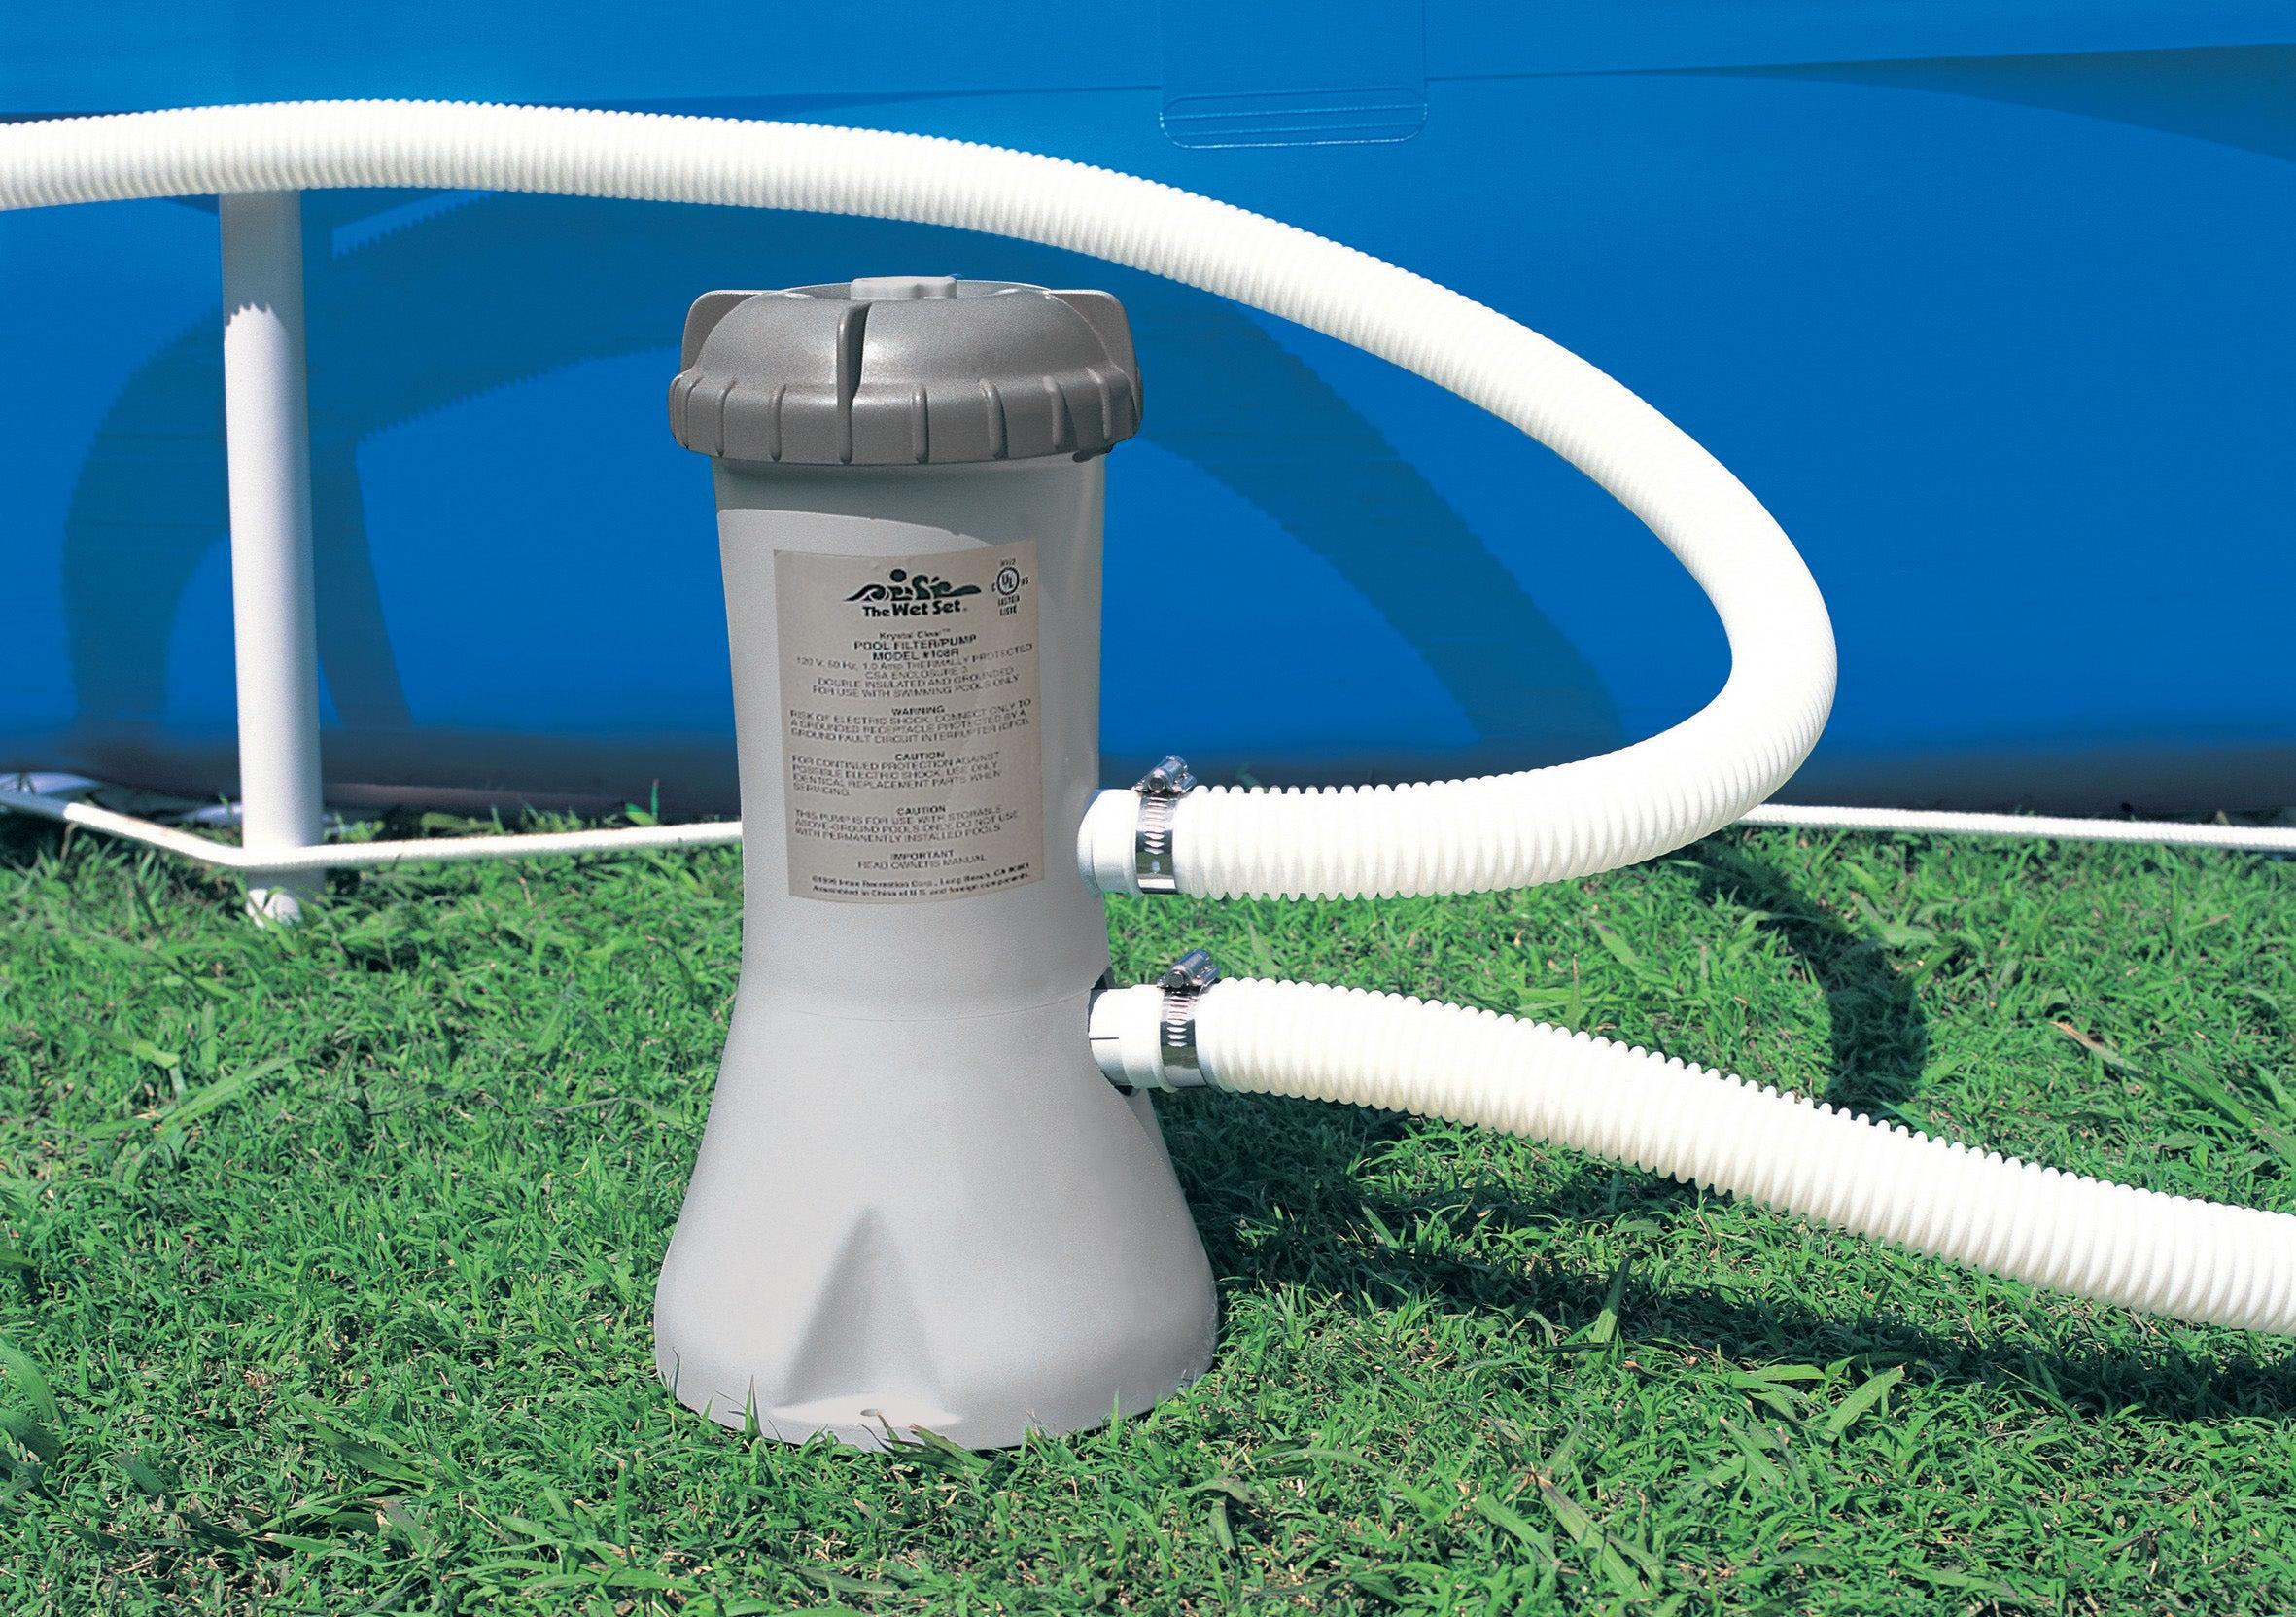 Epurateur À Cartouche Intex, 2.7 M³/h concernant Pompe Piscine Intex Leroy Merlin